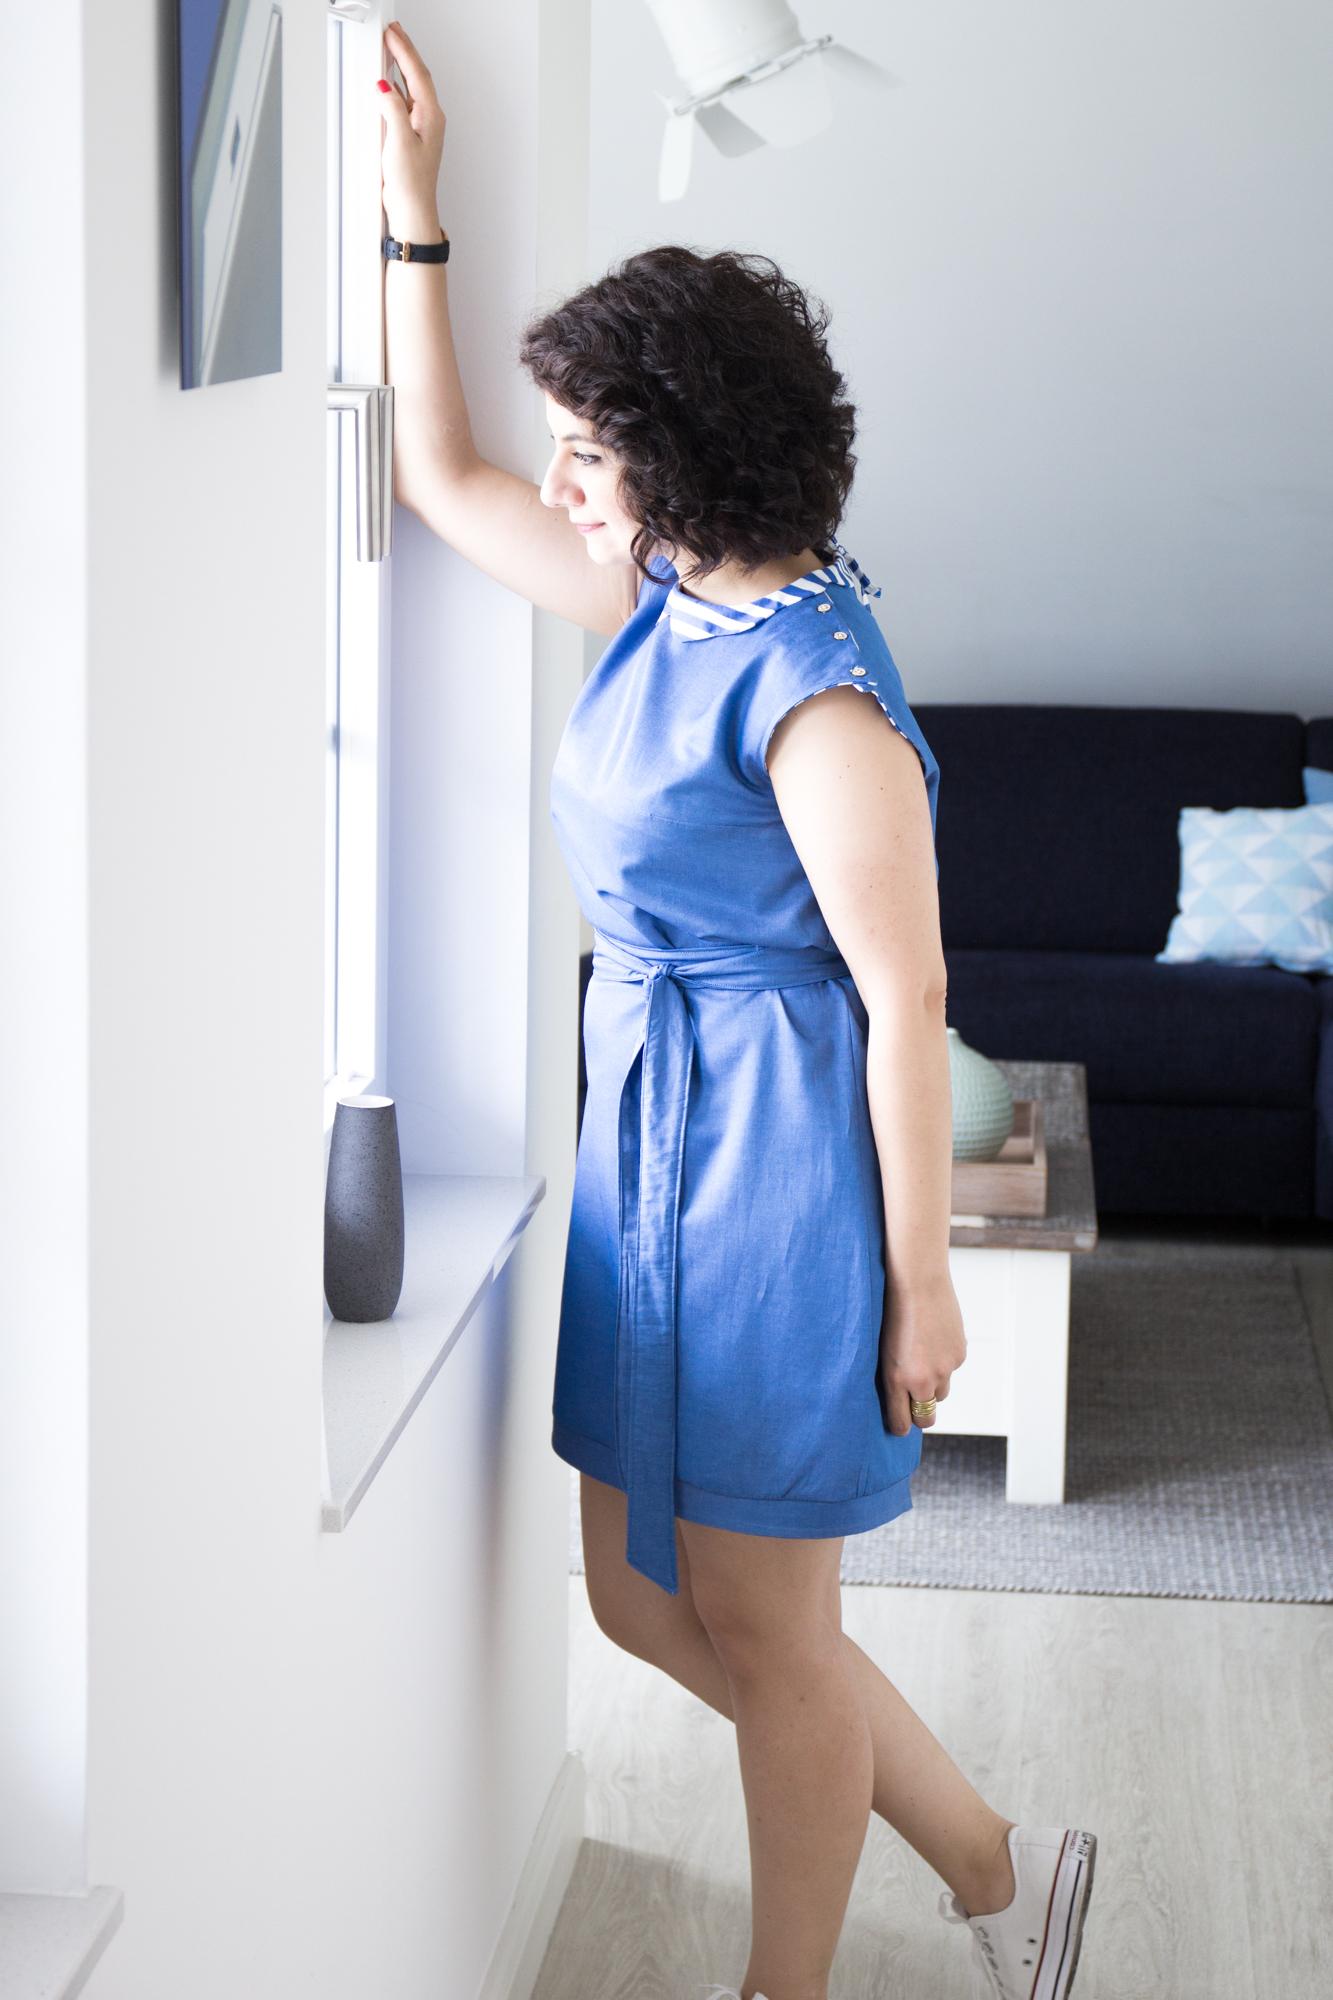 kleid austen blaues sommerkleid trifft auf oktobubikragen trifft auf streifen tweed greet. Black Bedroom Furniture Sets. Home Design Ideas